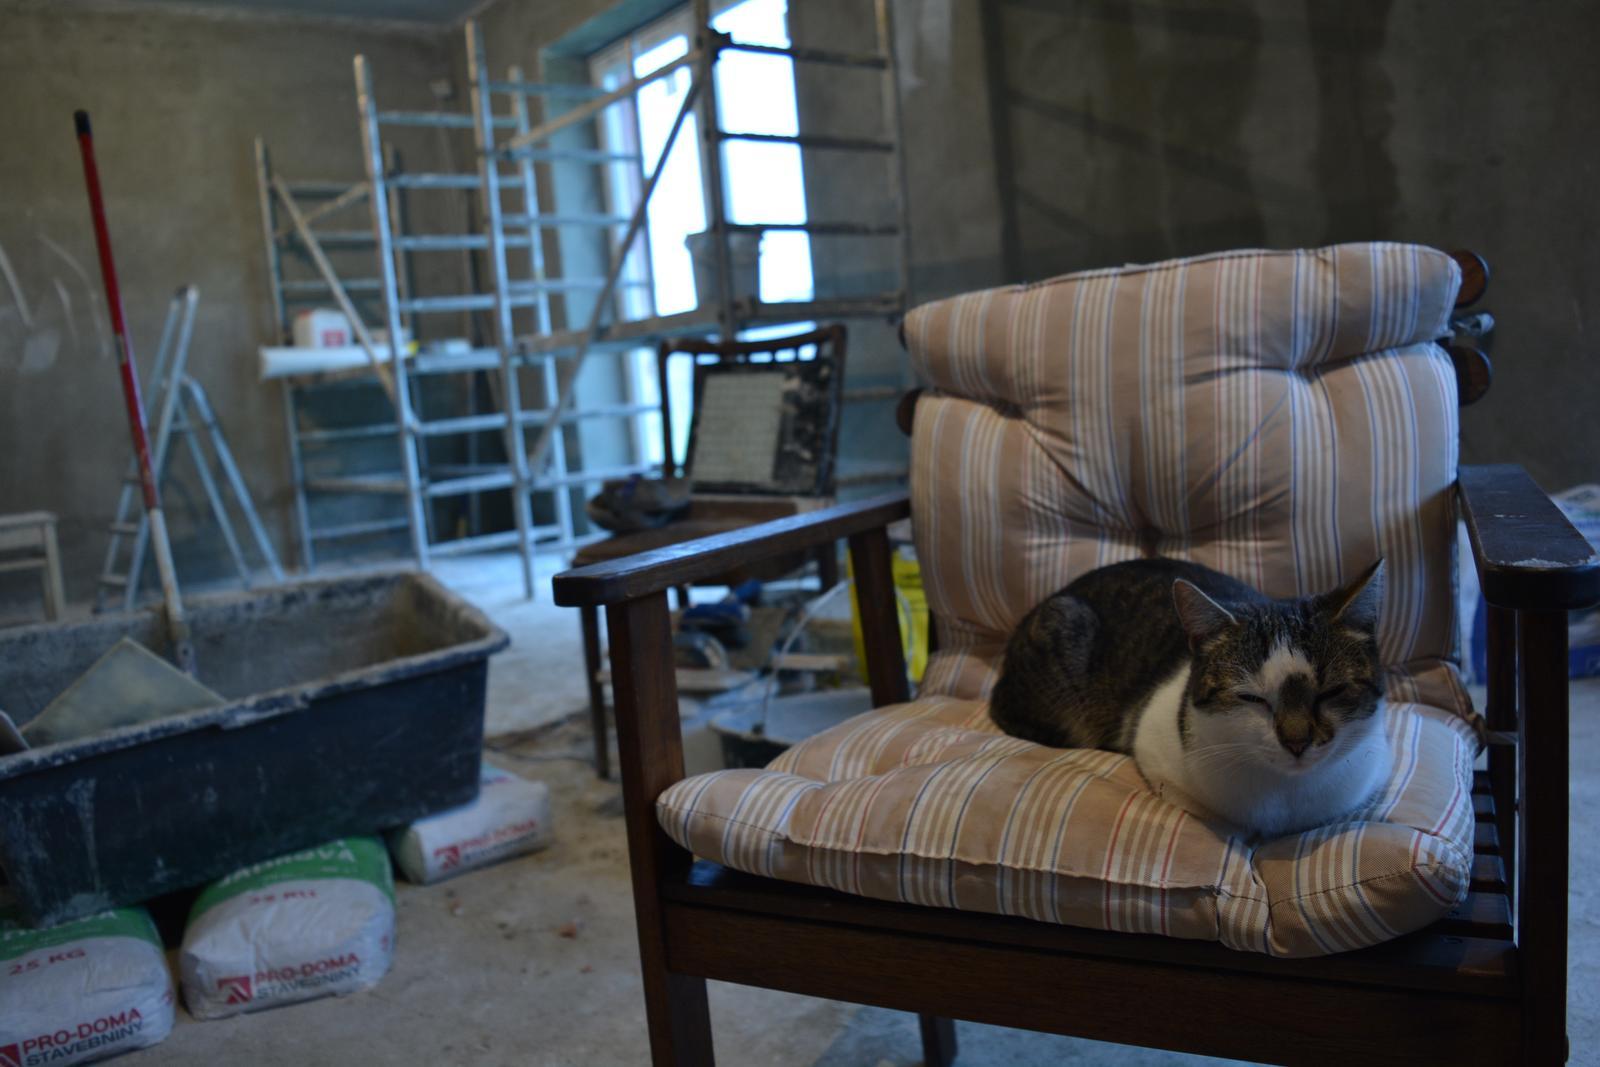 Náš nový domov ... - Kočičky jako vždy s námi všude a stále :D